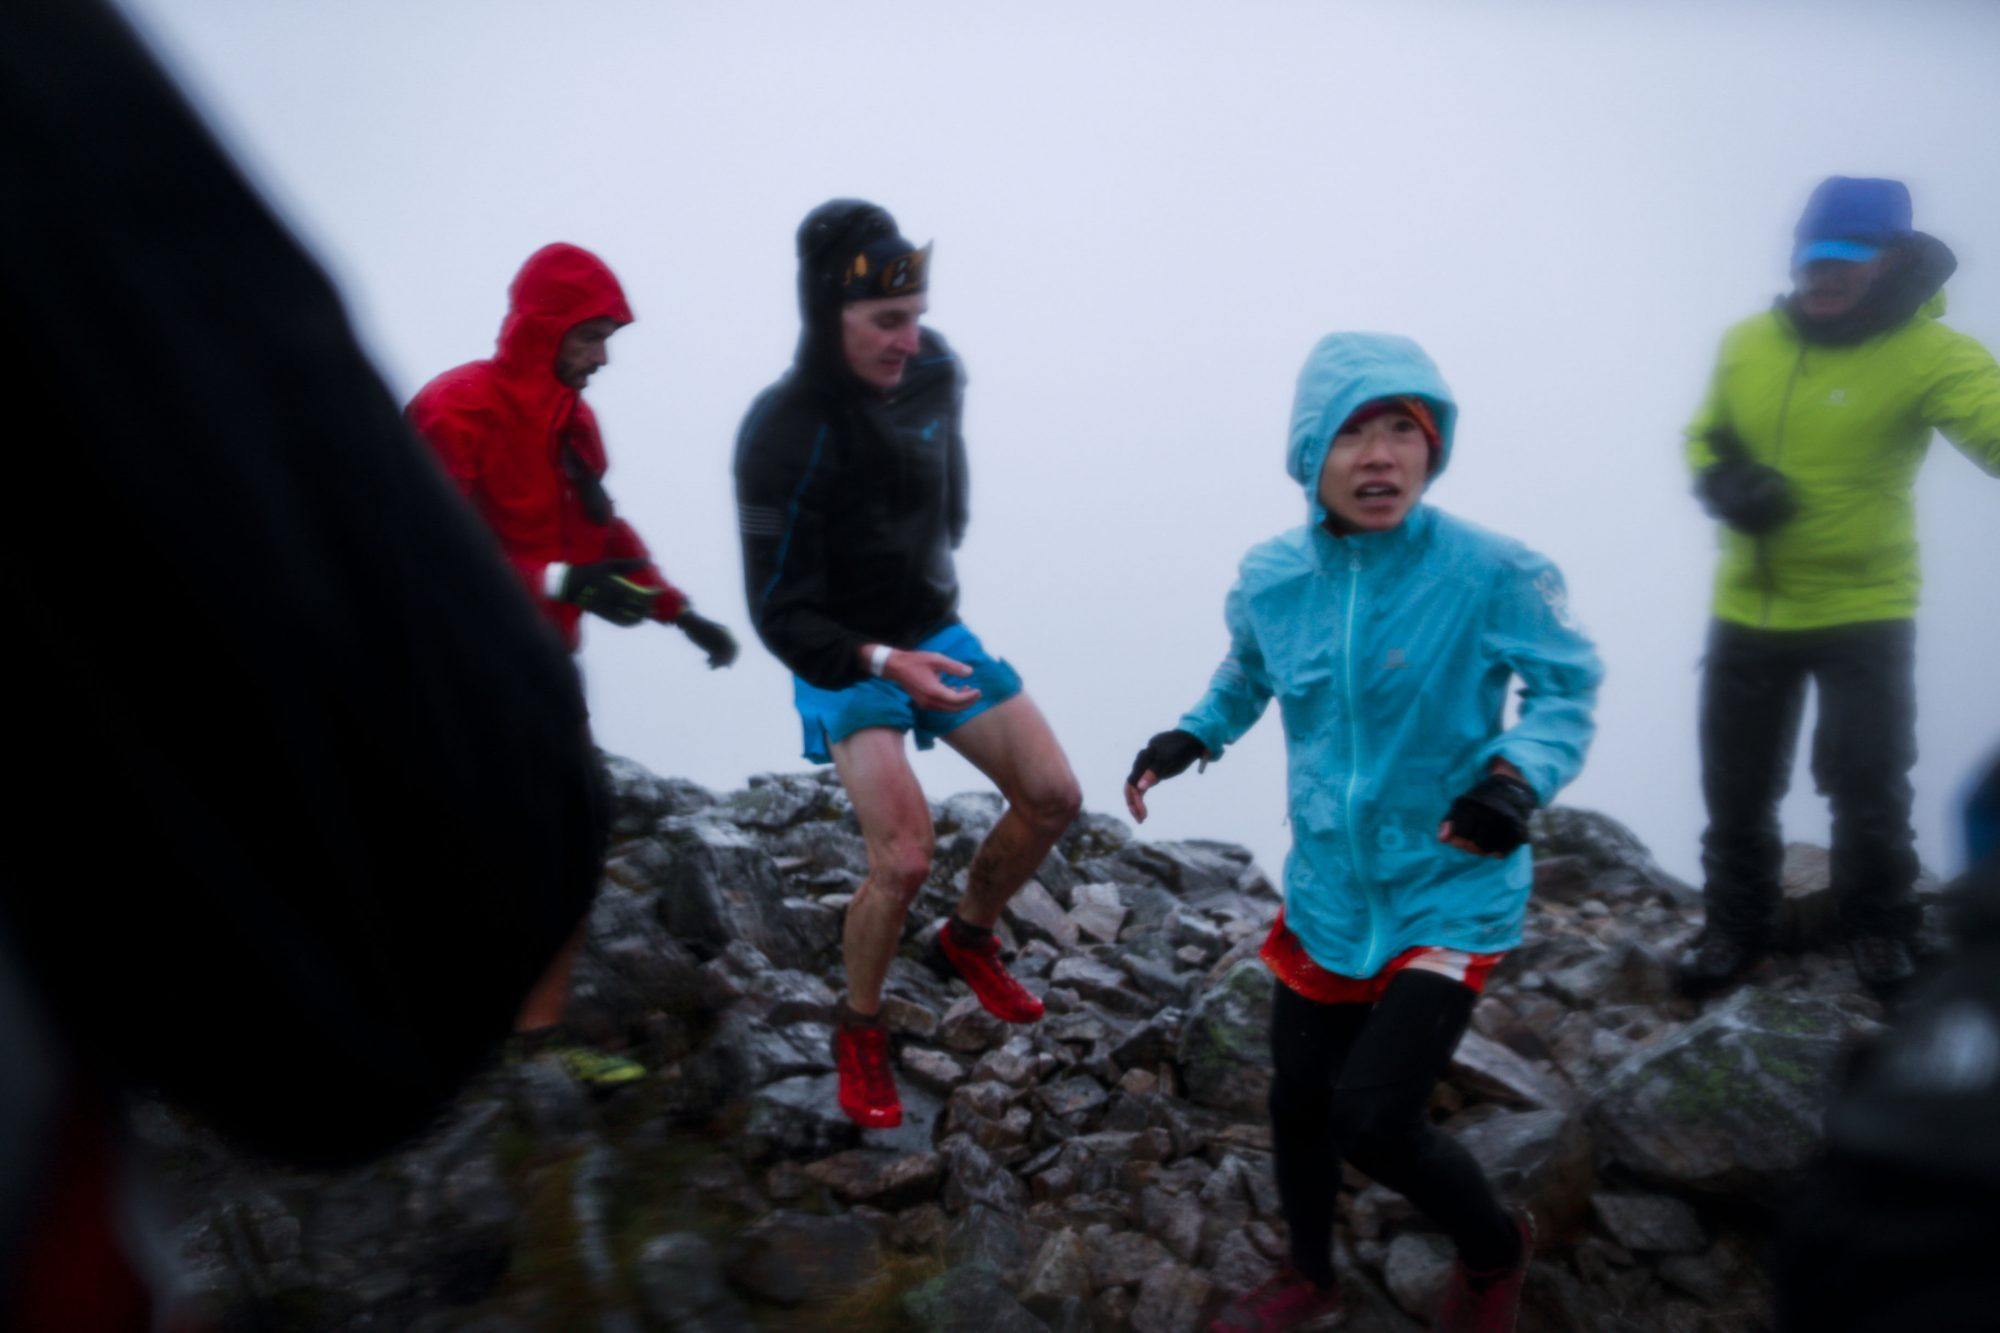 着込んでスタートしたものの完全に体が冷え切ってしまった吉住。下山後にバスタブで体を温めた ©Sho Fujimaki